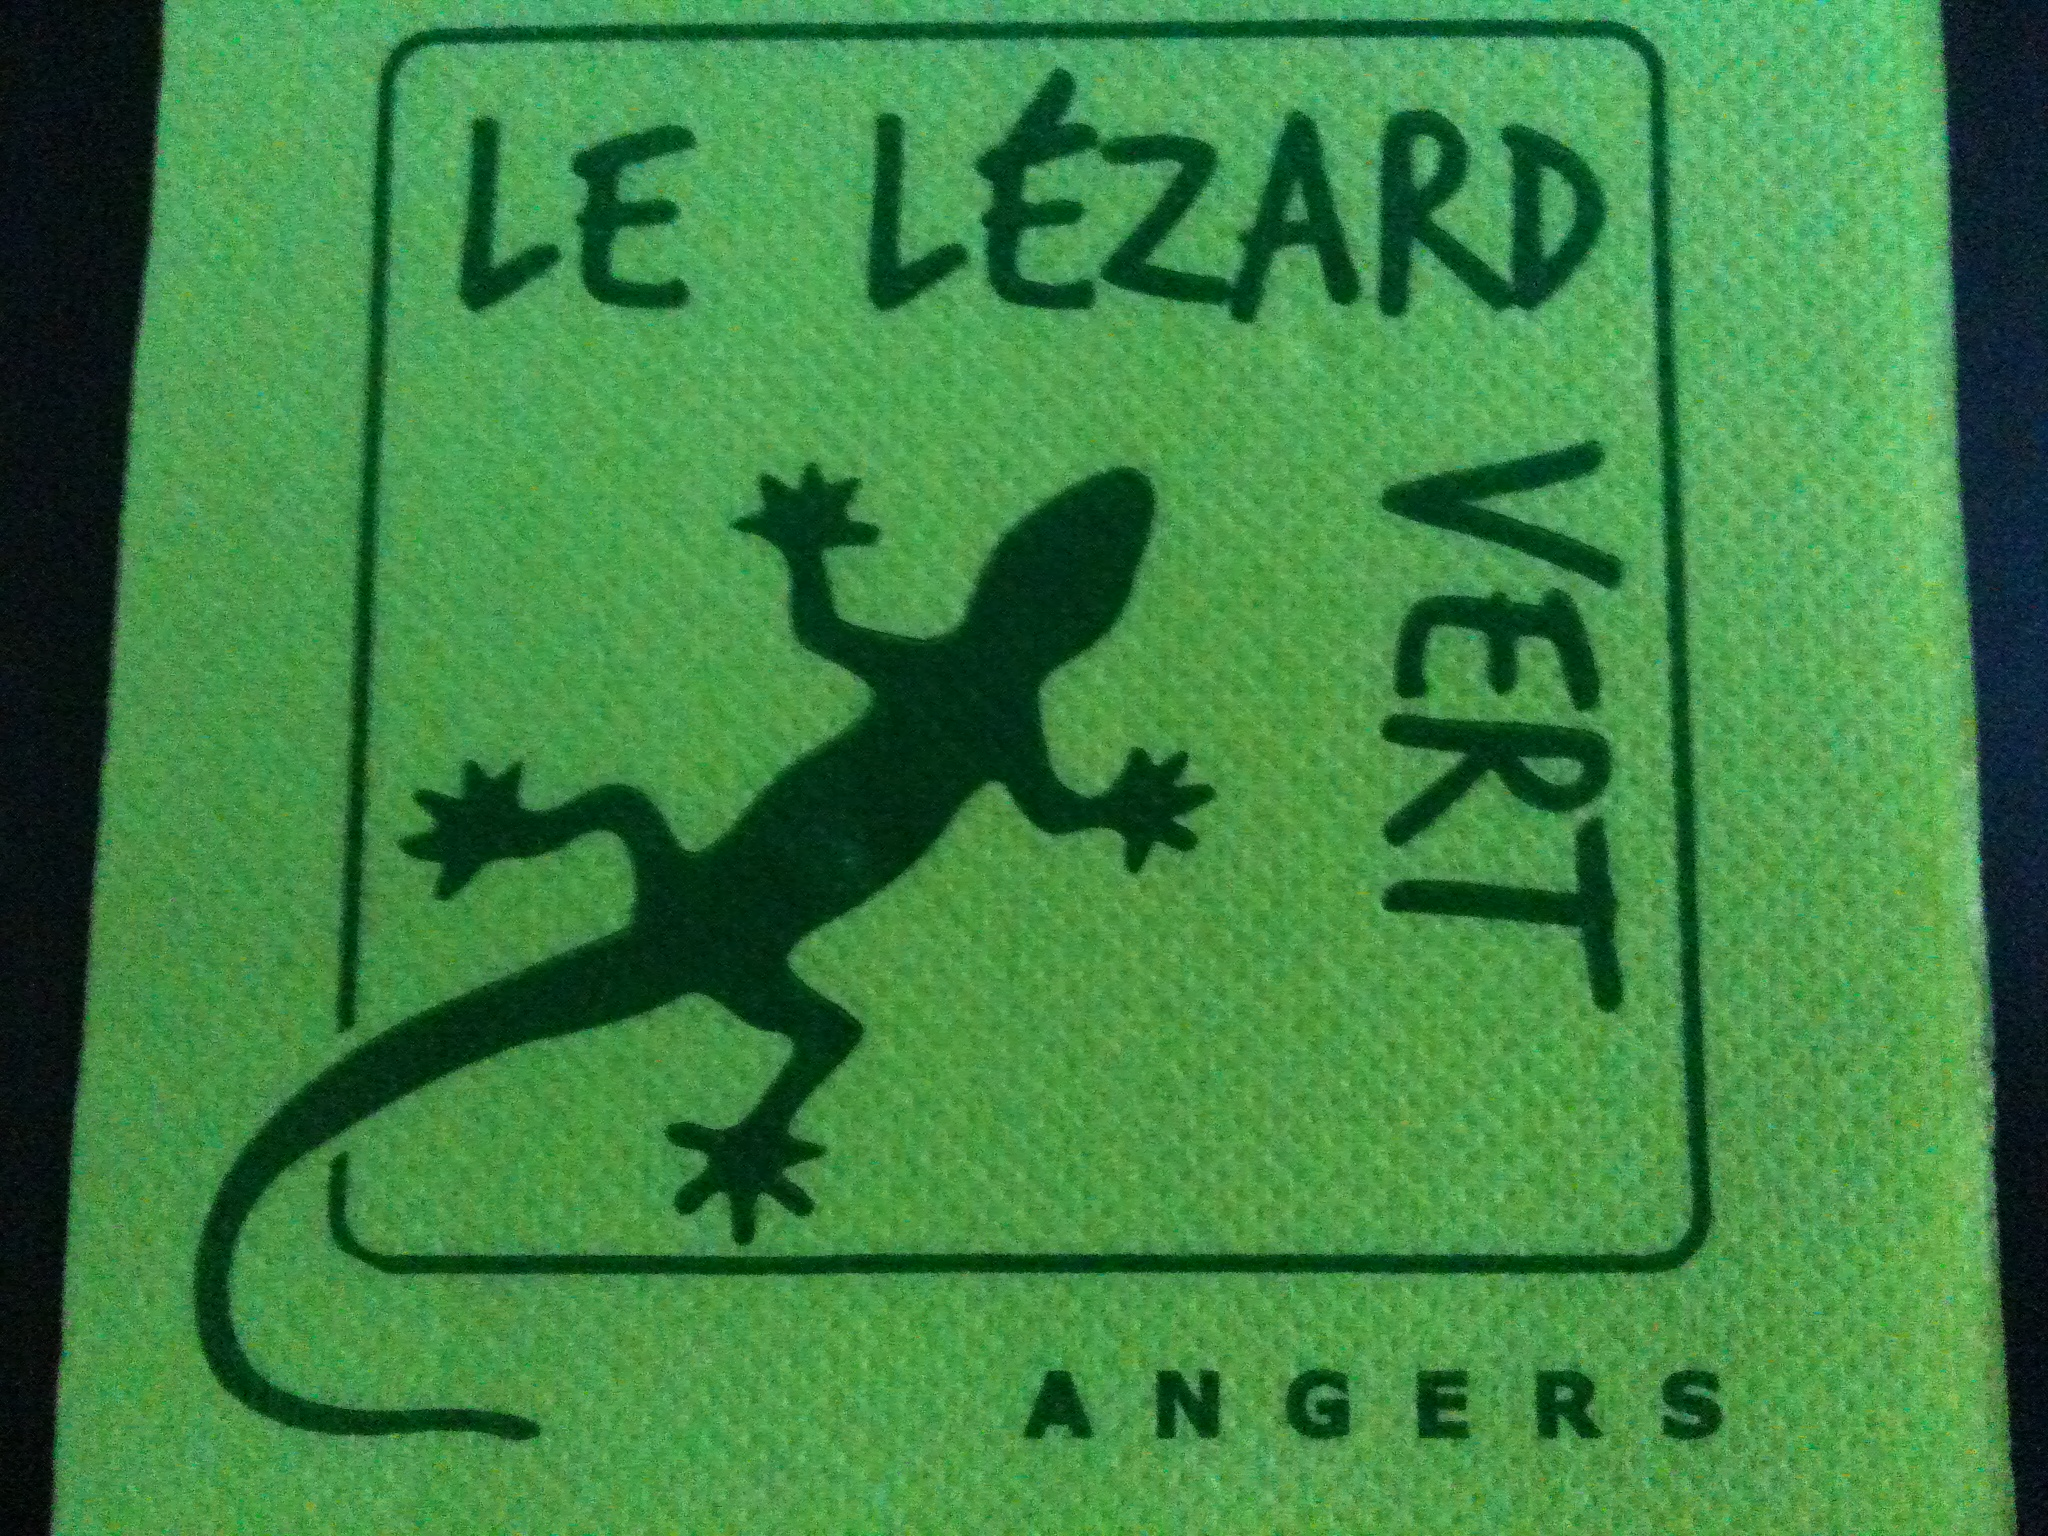 le l201zard vert 224 angers en maine et loire sur citymalin